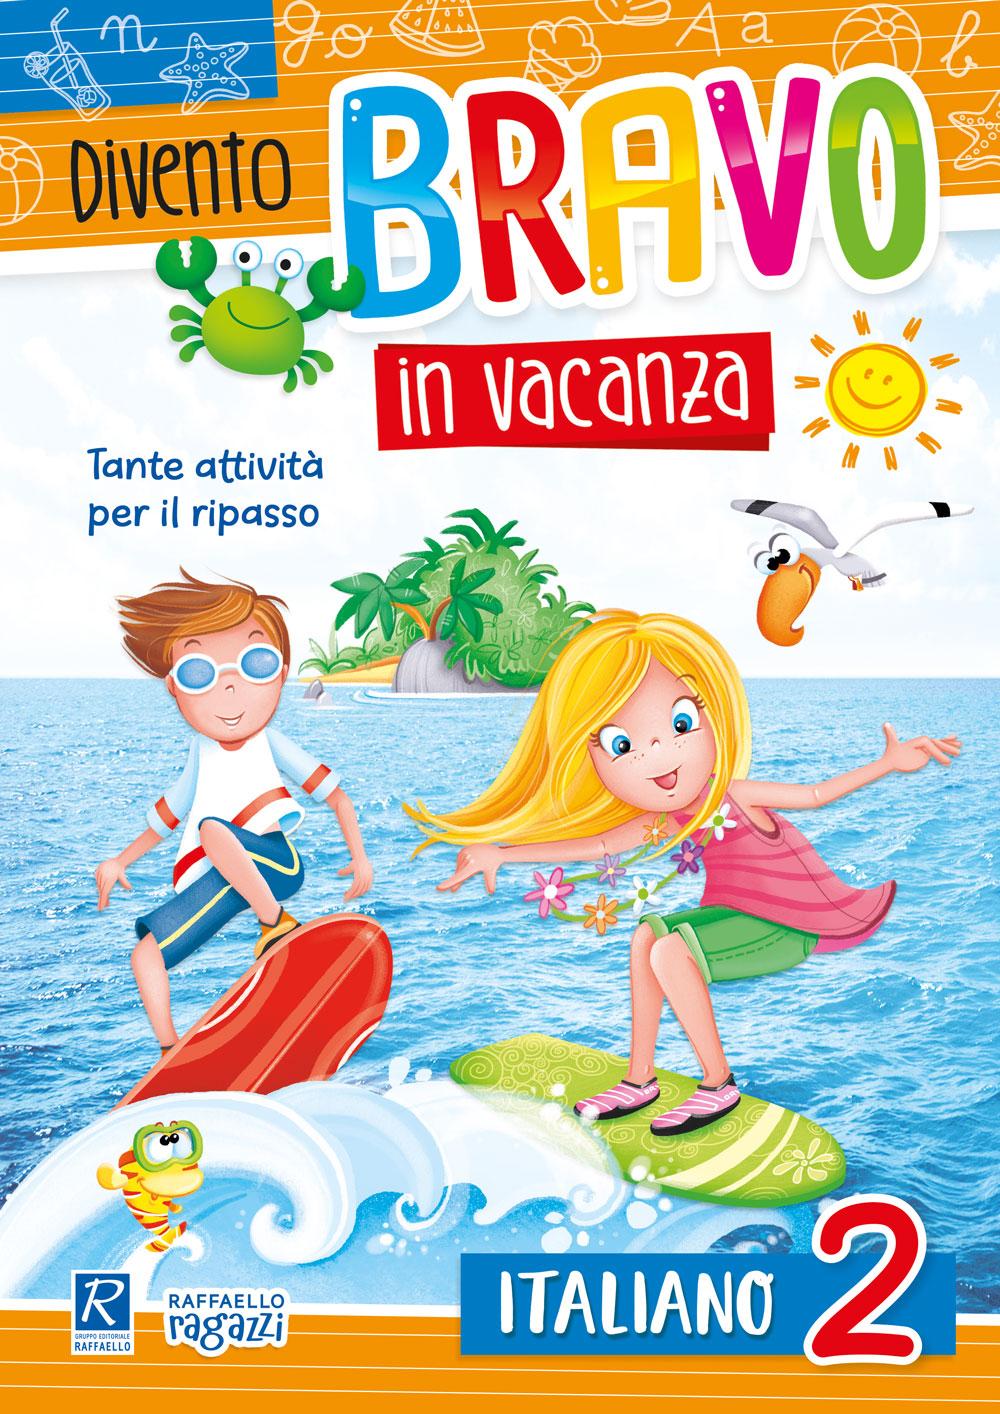 Divento bravo in vacanza - Italiano 2